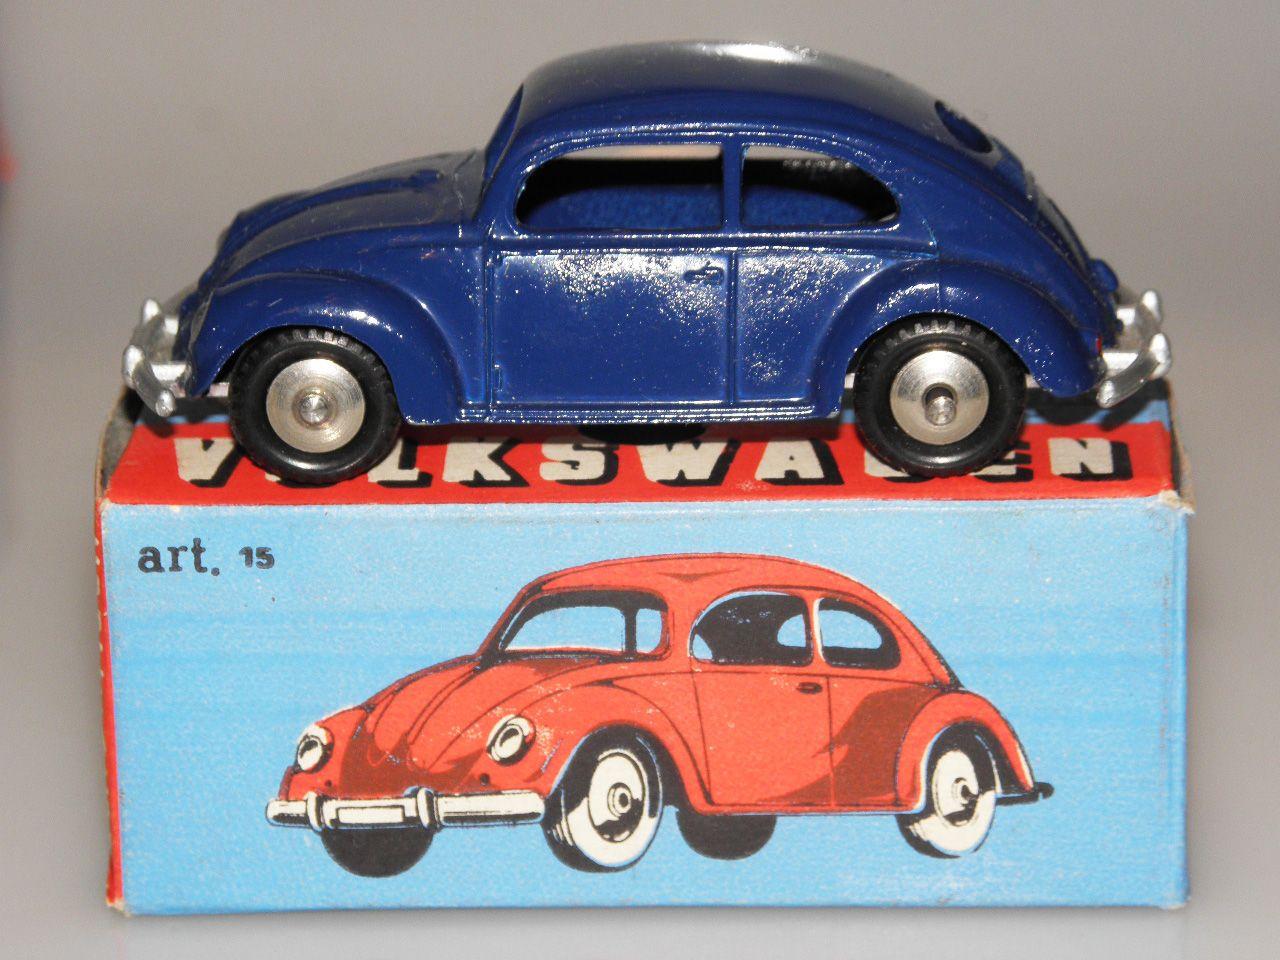 Vintage Volkswagen Vintage Mercury Mercury 1200'54Jouets Volkswagen Et 1200'54Jouets Et y8wmONn0v